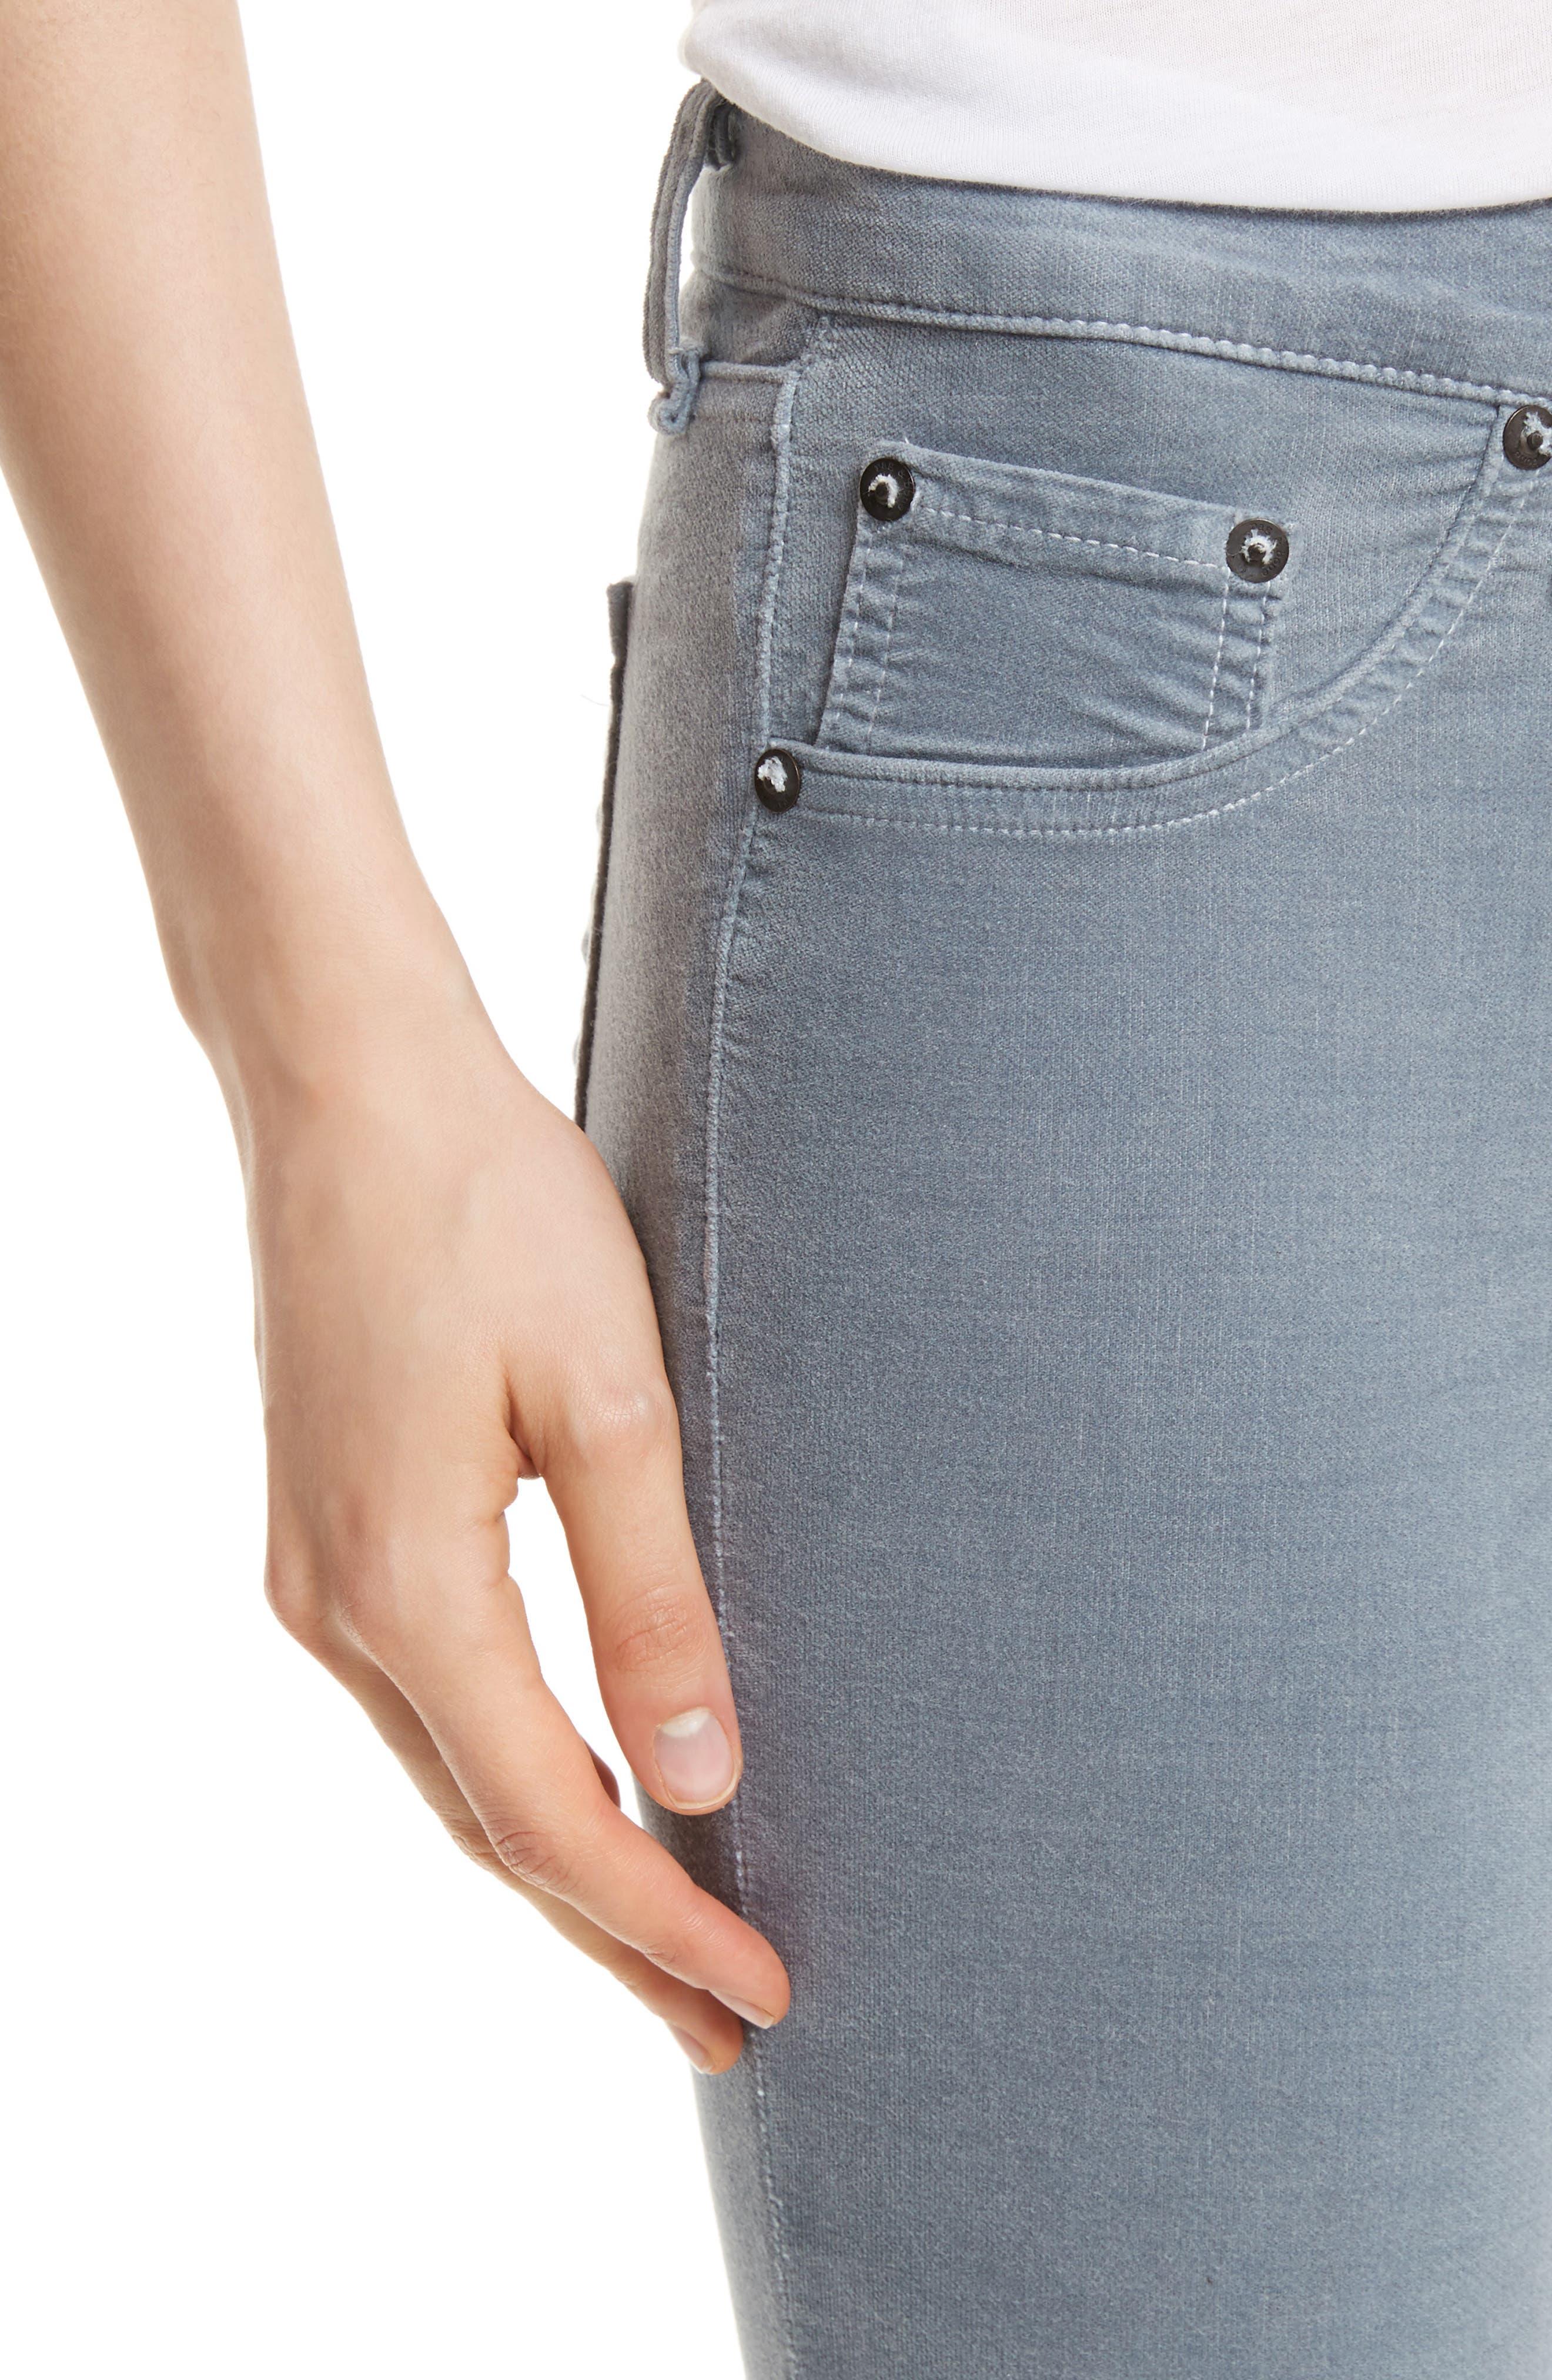 Velvet Skinny Jeans,                             Alternate thumbnail 4, color,                             Steel Blue Velvet